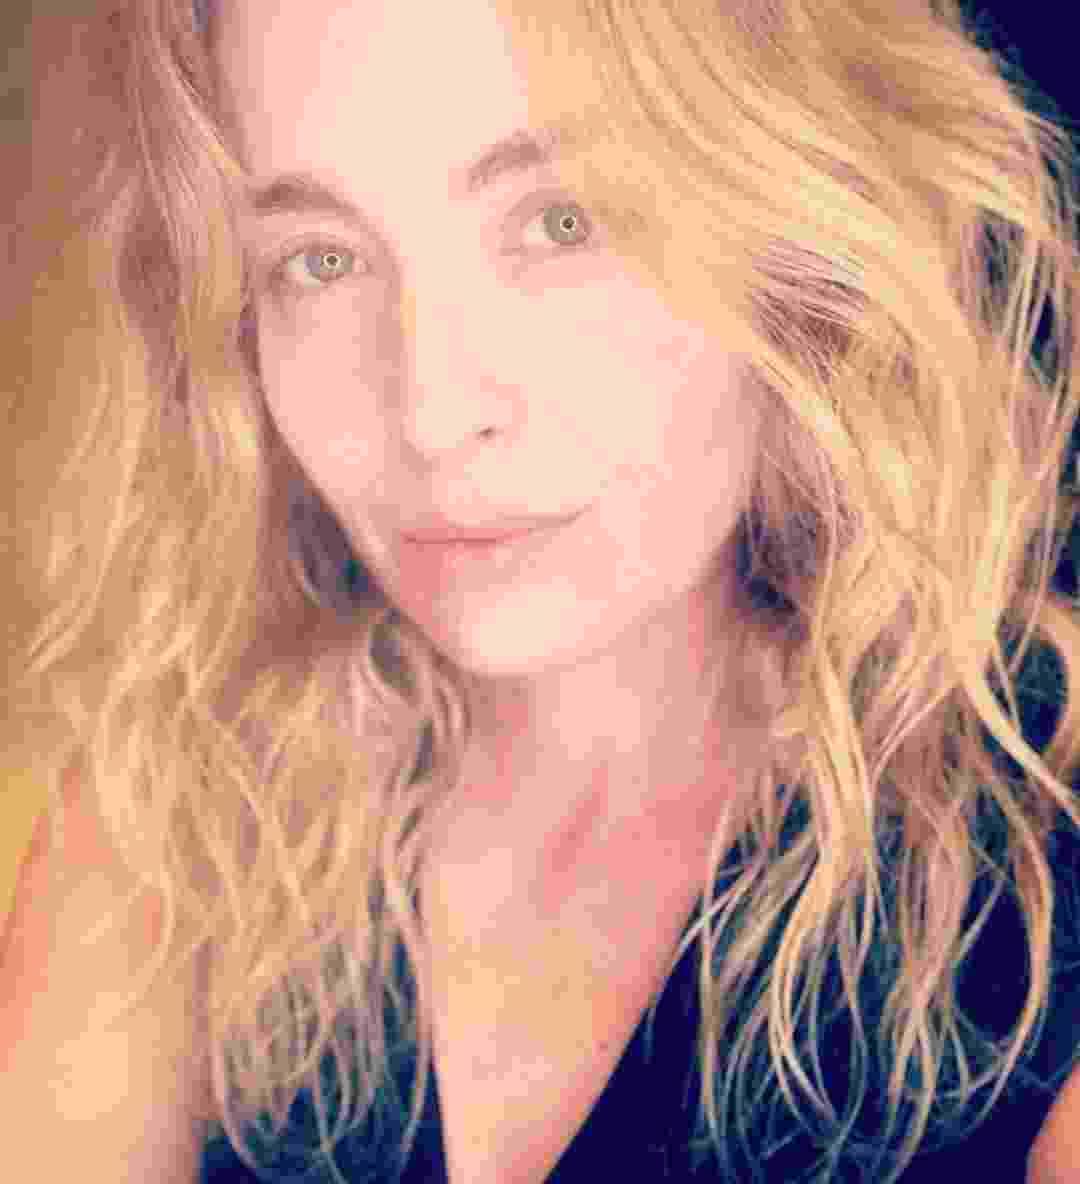 10 vezes em que Angélica exibiu sua beleza natural e celebrou autoestima - Reprodução/Instagram